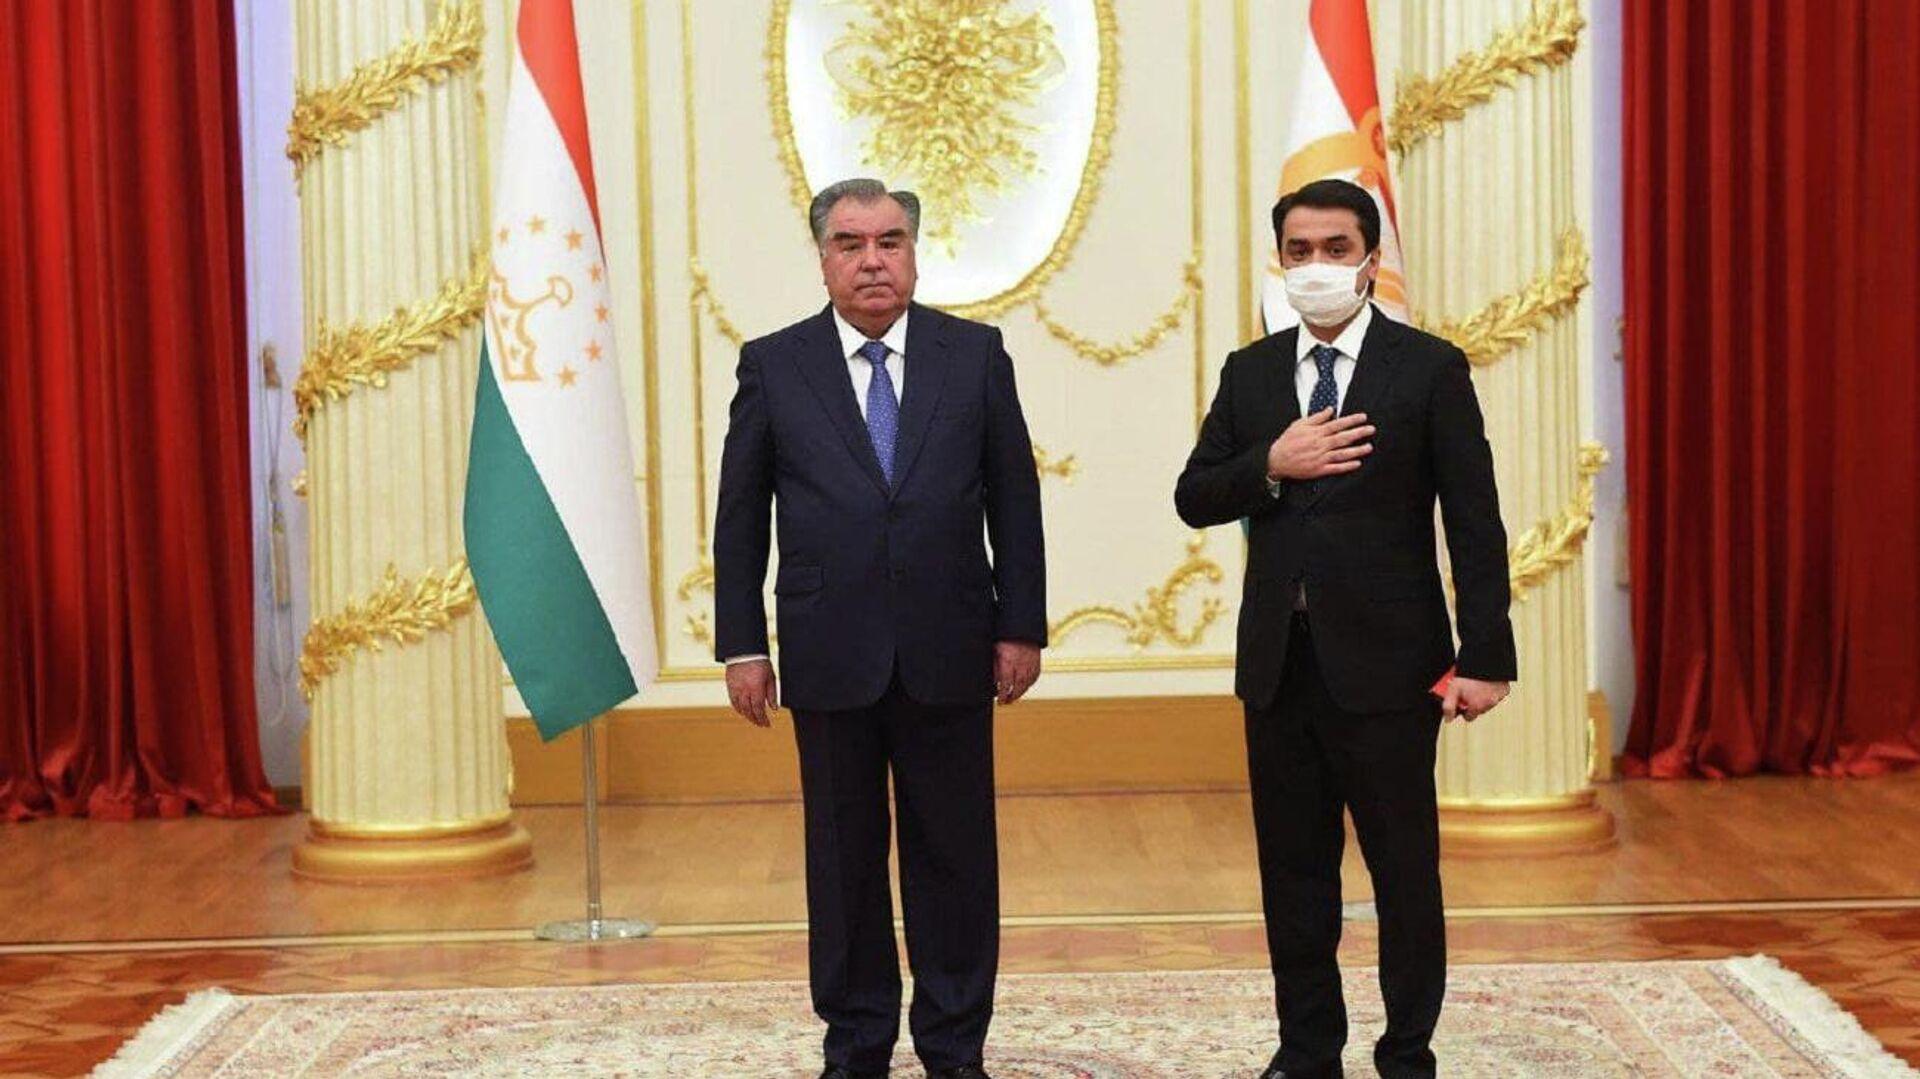 Президент Таджикистана Эмомали Рахмон и его сын Рустам Эмомали - Sputnik Ўзбекистон, 1920, 01.09.2021